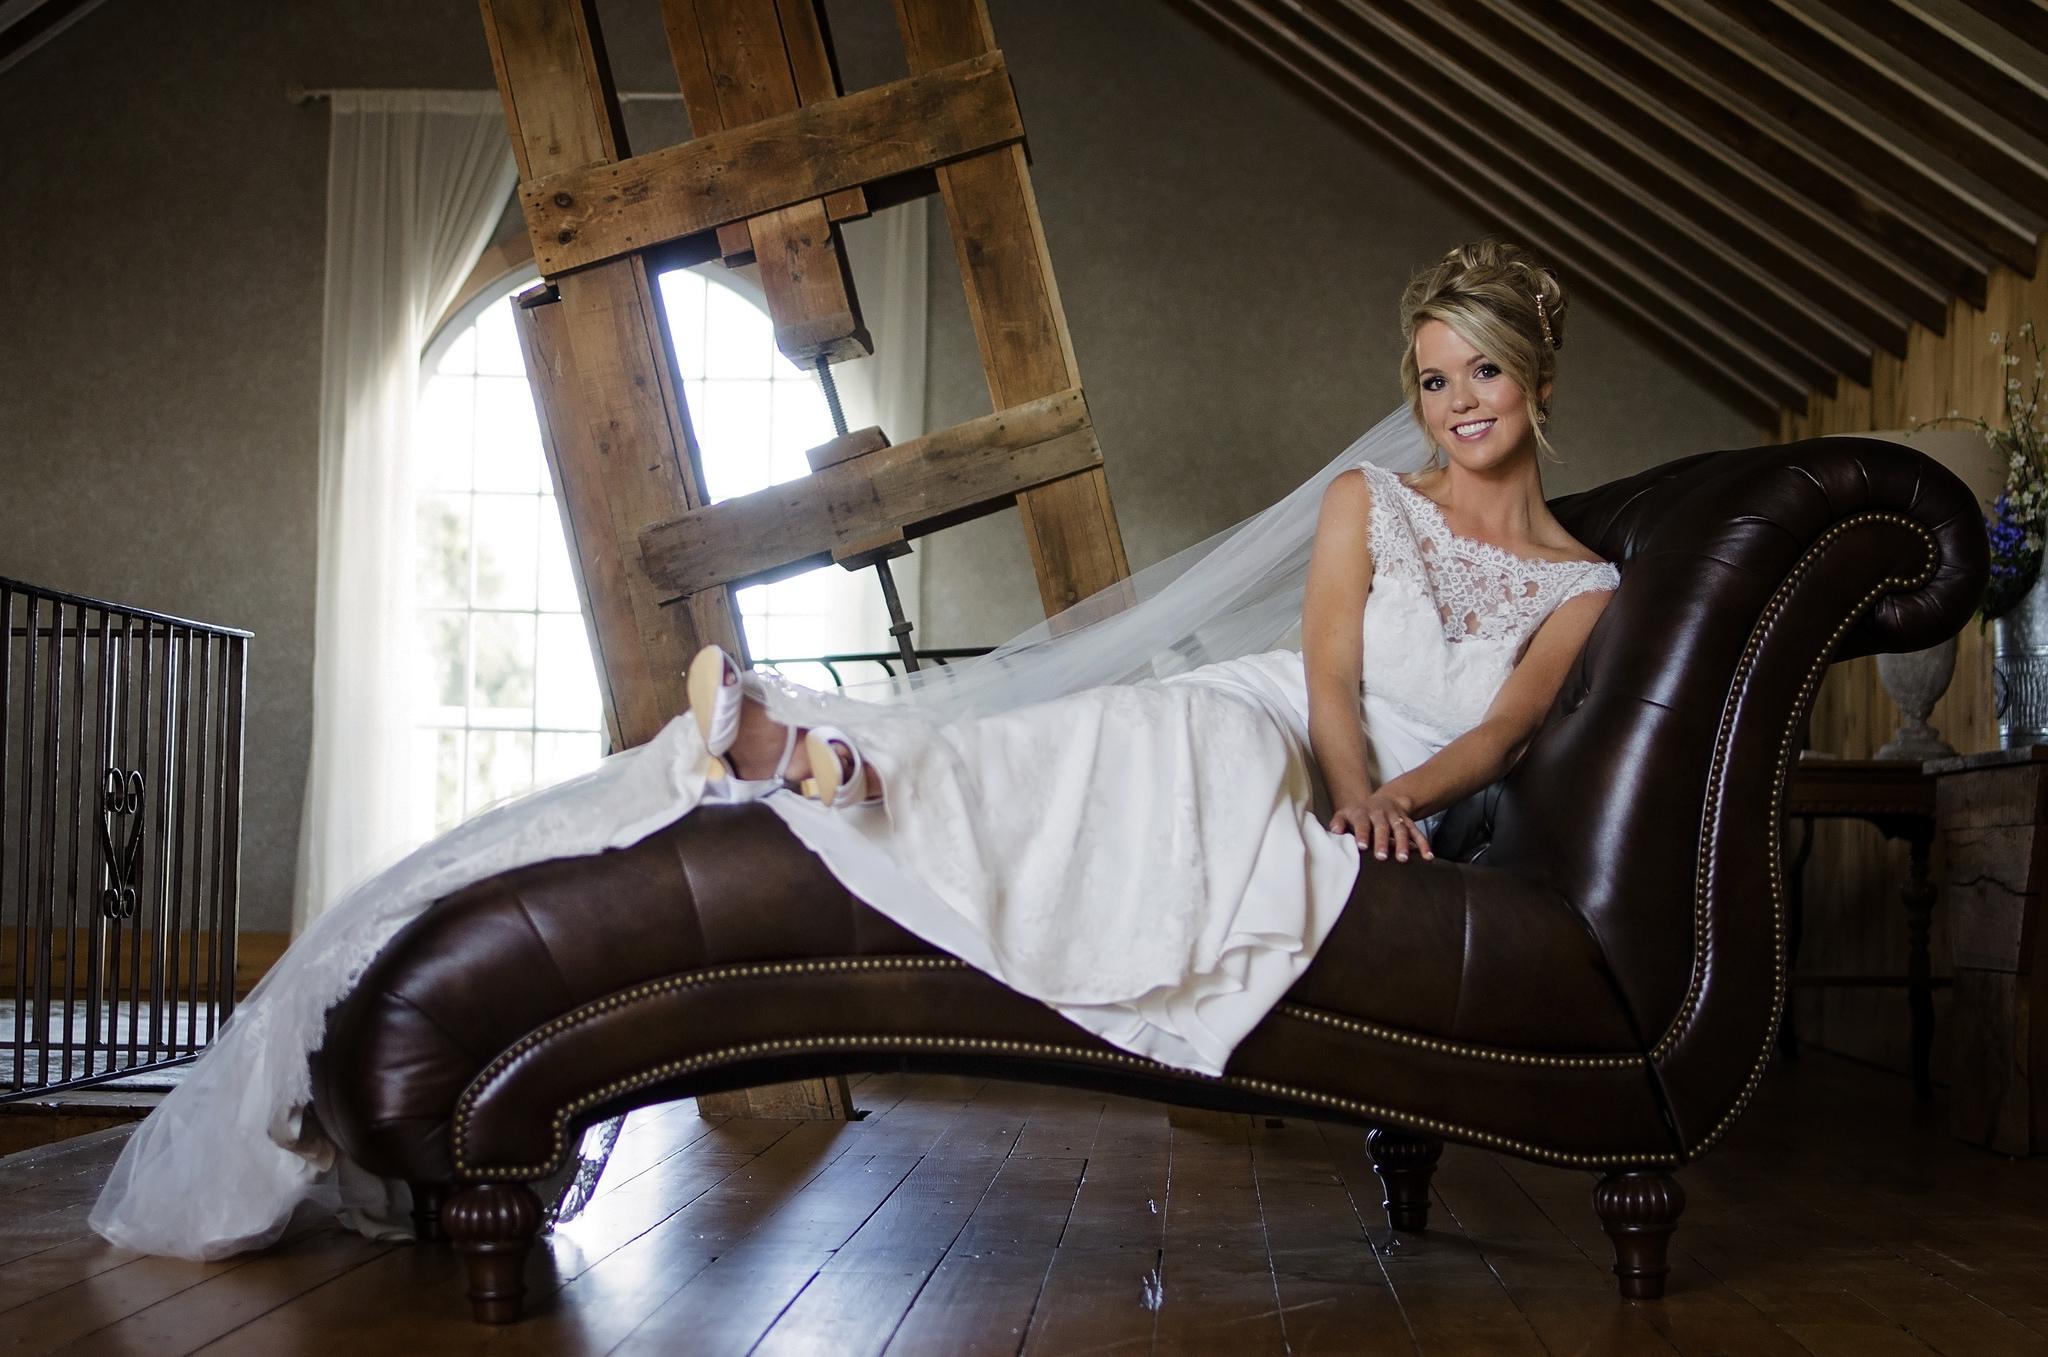 kristine_wedding_brides_spiritedtable_photo12.jpg